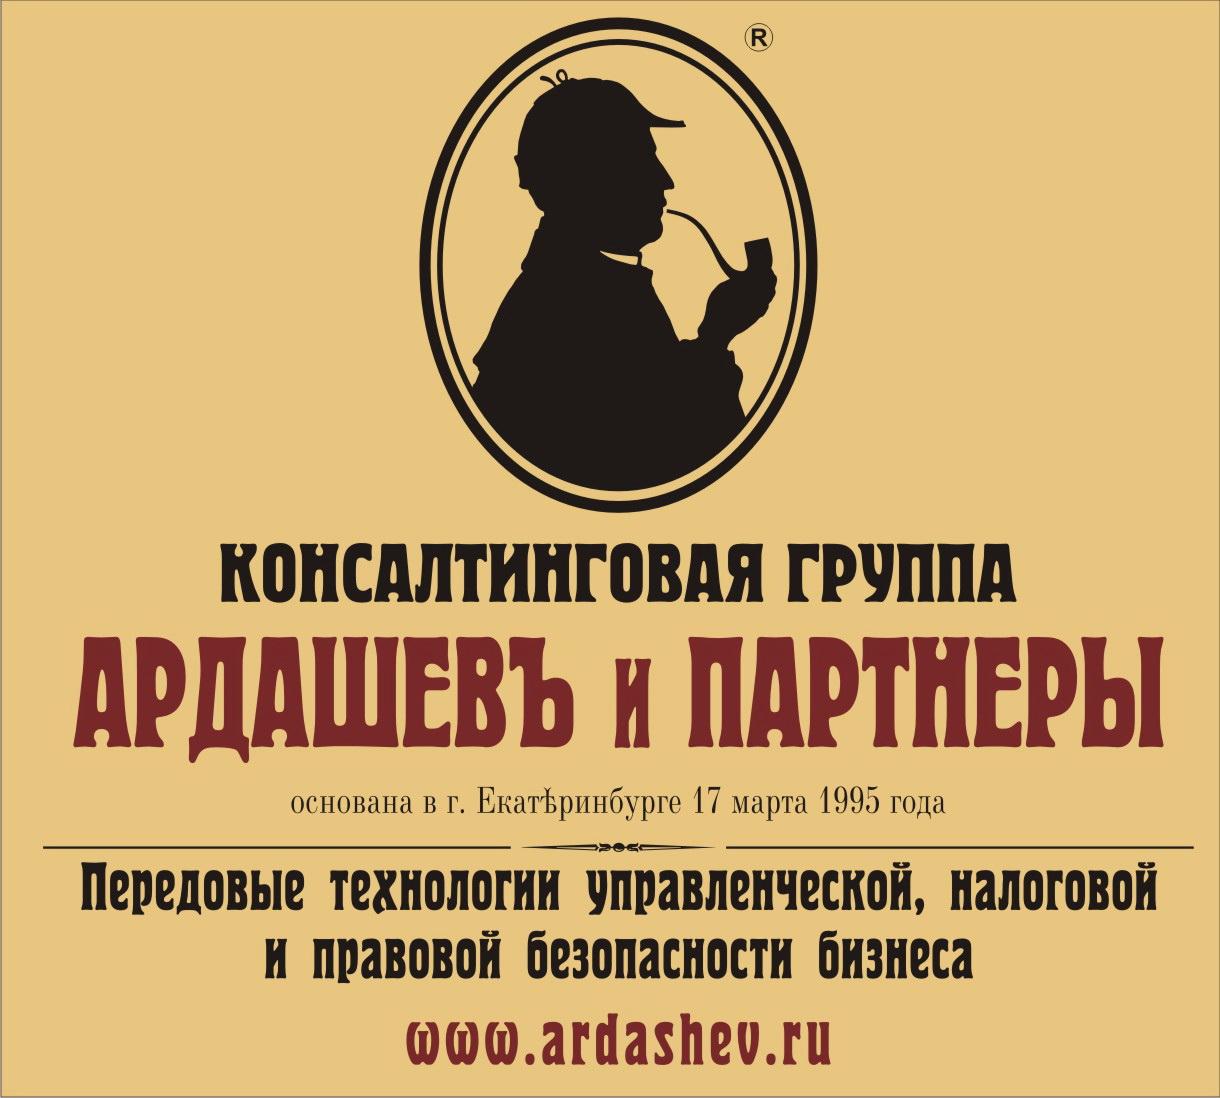 """Консалтинговая группа """"Ардашев и партнёры"""""""